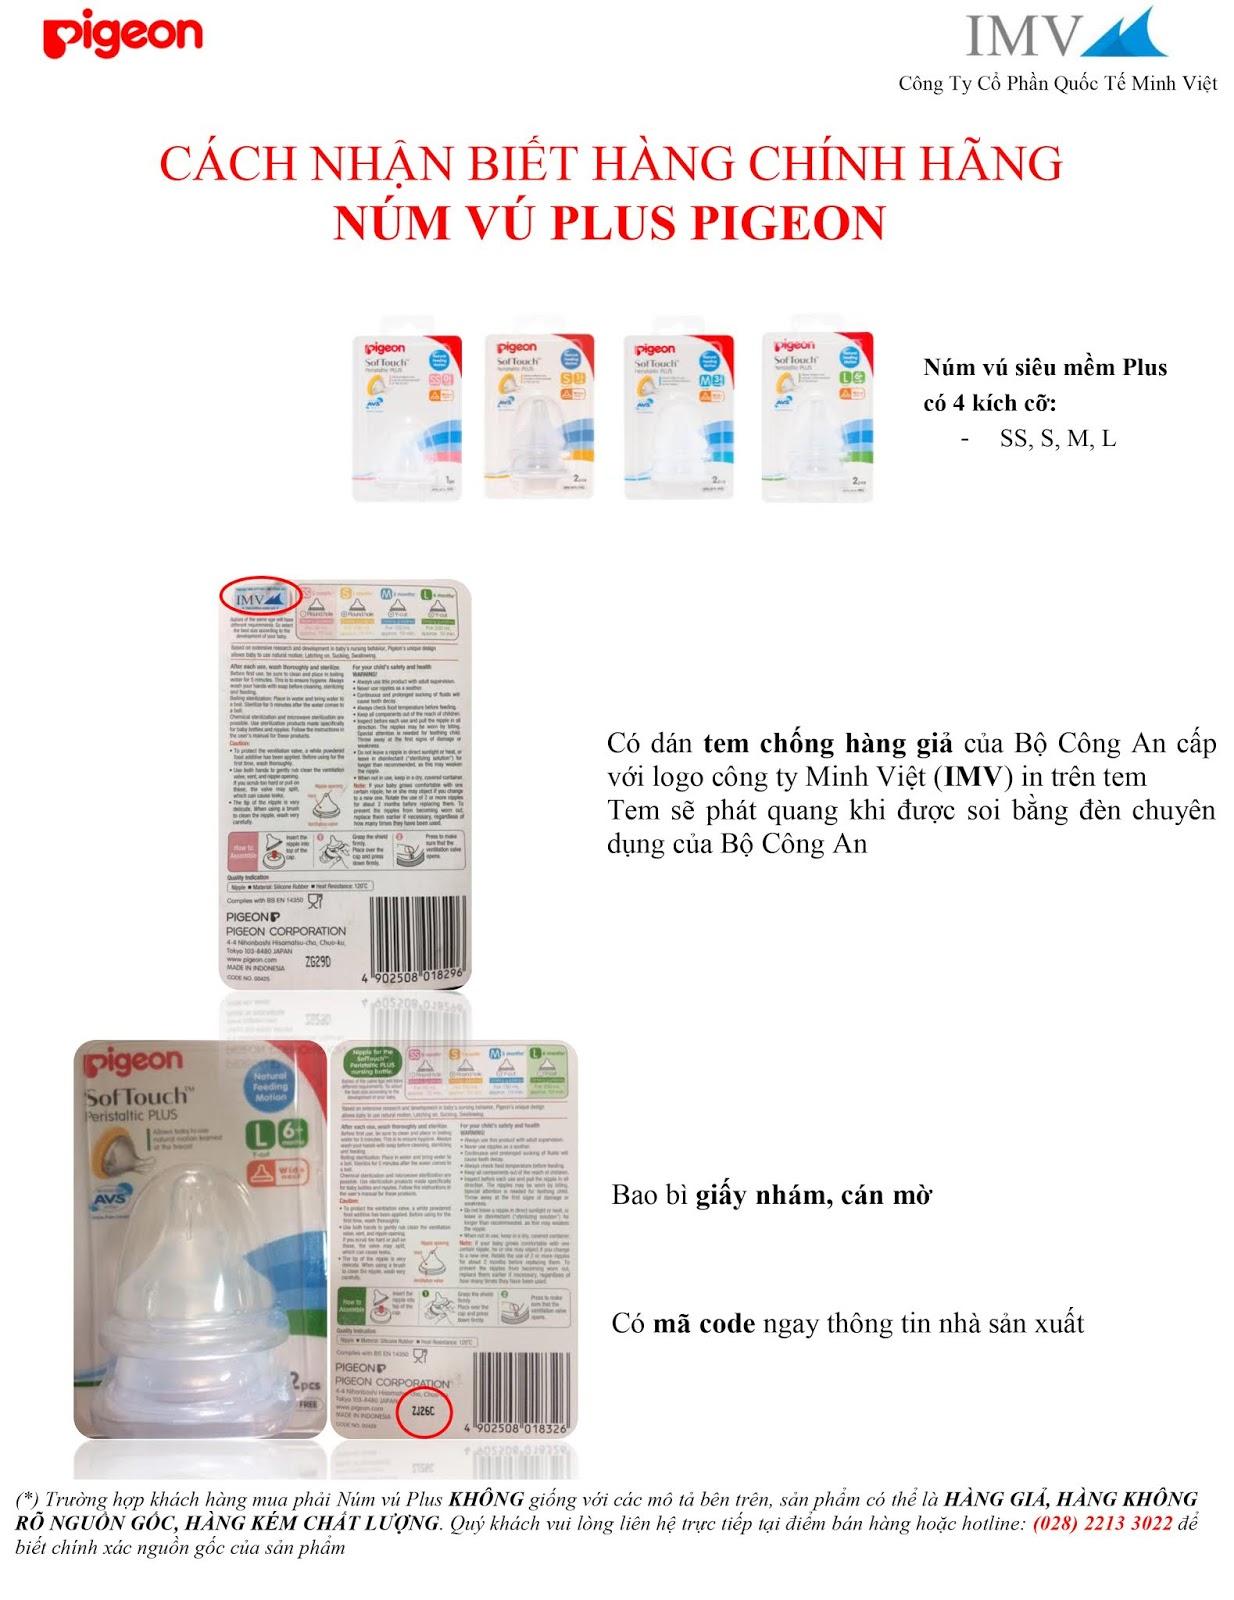 Cách nhận biết hàng chính hãng núm vú Pigeon Plus